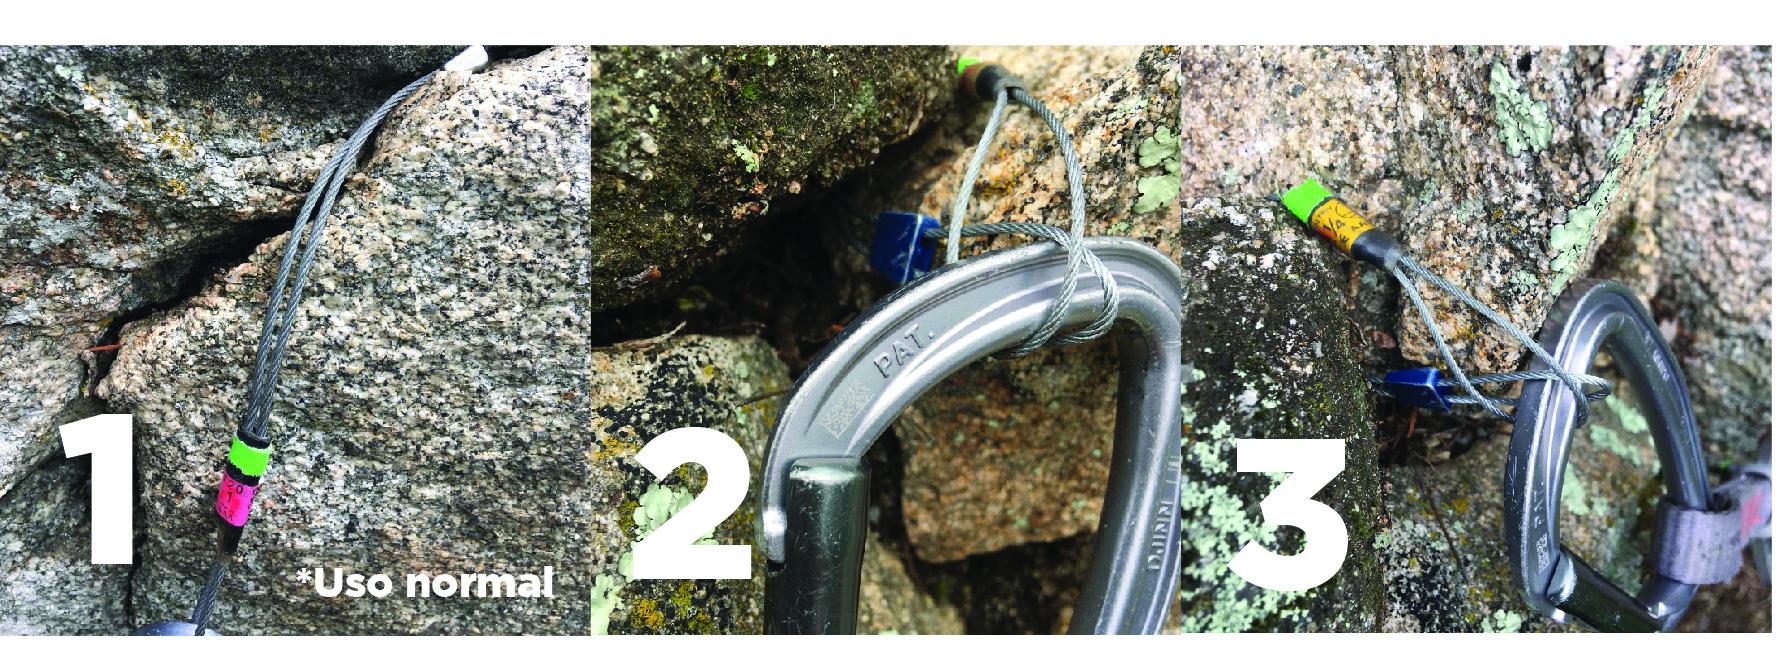 Cómo lazar un puente de roca con un empotrador de cable (fotos 2 y 3).